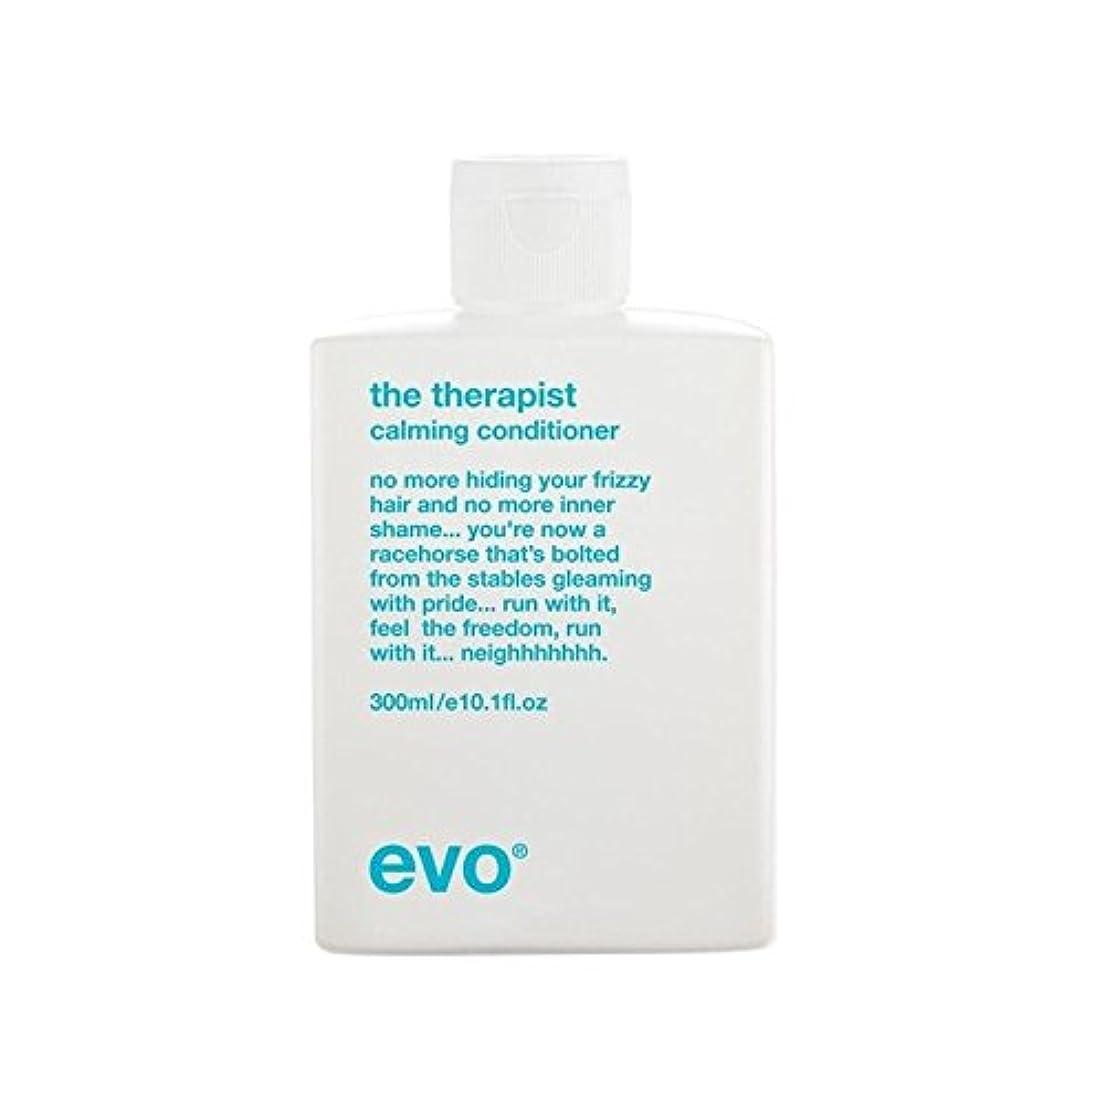 チューブステッチチューインガムセラピスト沈静コンディショナー(300ミリリットル) x2 - Evo The Therapist Calming Conditioner (300ml) (Pack of 2) [並行輸入品]